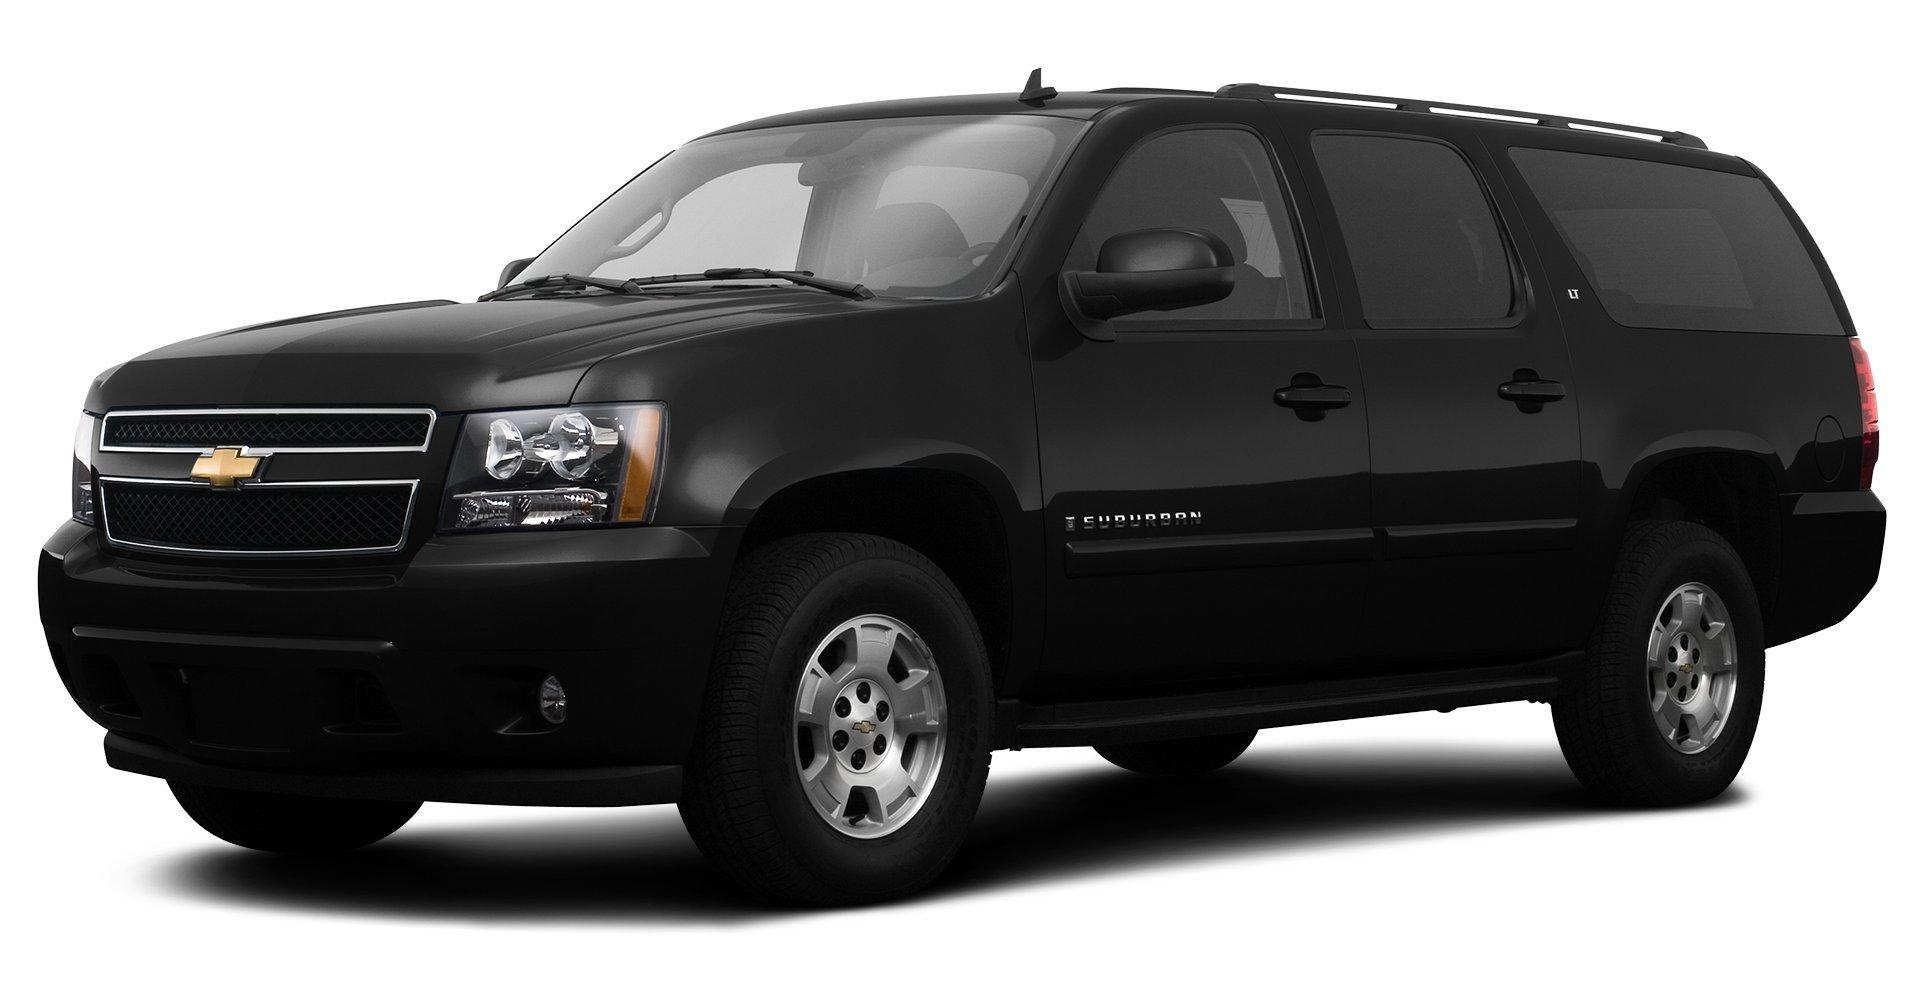 2008 chevrolet suburban 1500 ls 2 wheel drive 4 door 1500